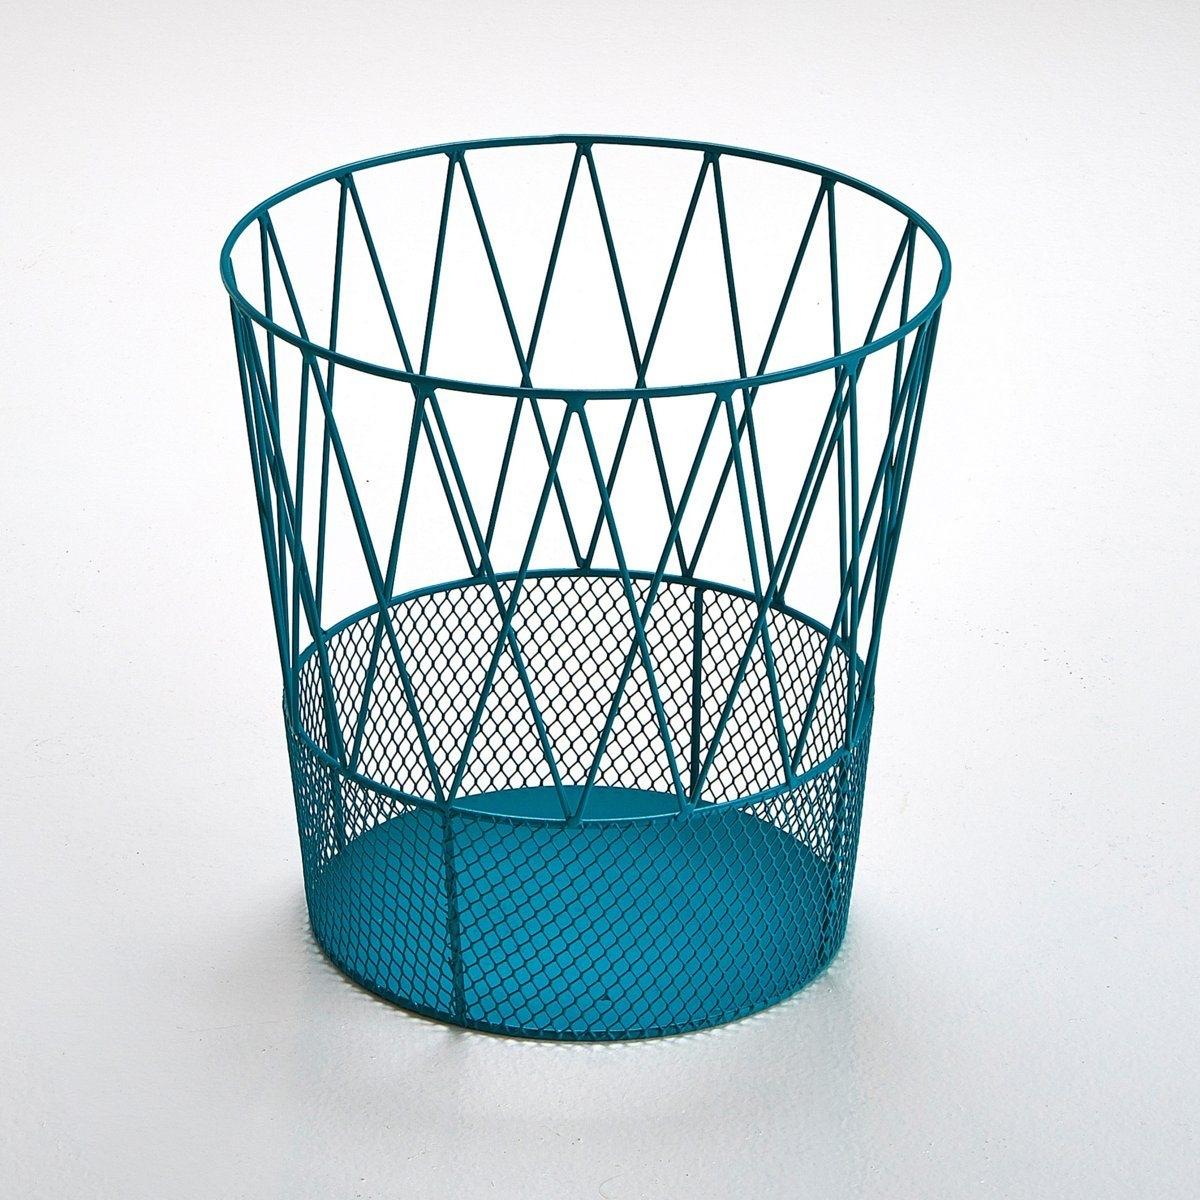 Металлическая корзина ЭльдеяМеталлическая корзина Эльдея : корзина для бумаг, которую не нужно прятать Характеристики :Металл с эпоксидным покрытием Размеры  :Высота 30 см? верхний 31 см? нижний  23см<br><br>Цвет: сине-зеленый,черный<br>Размер: единый размер